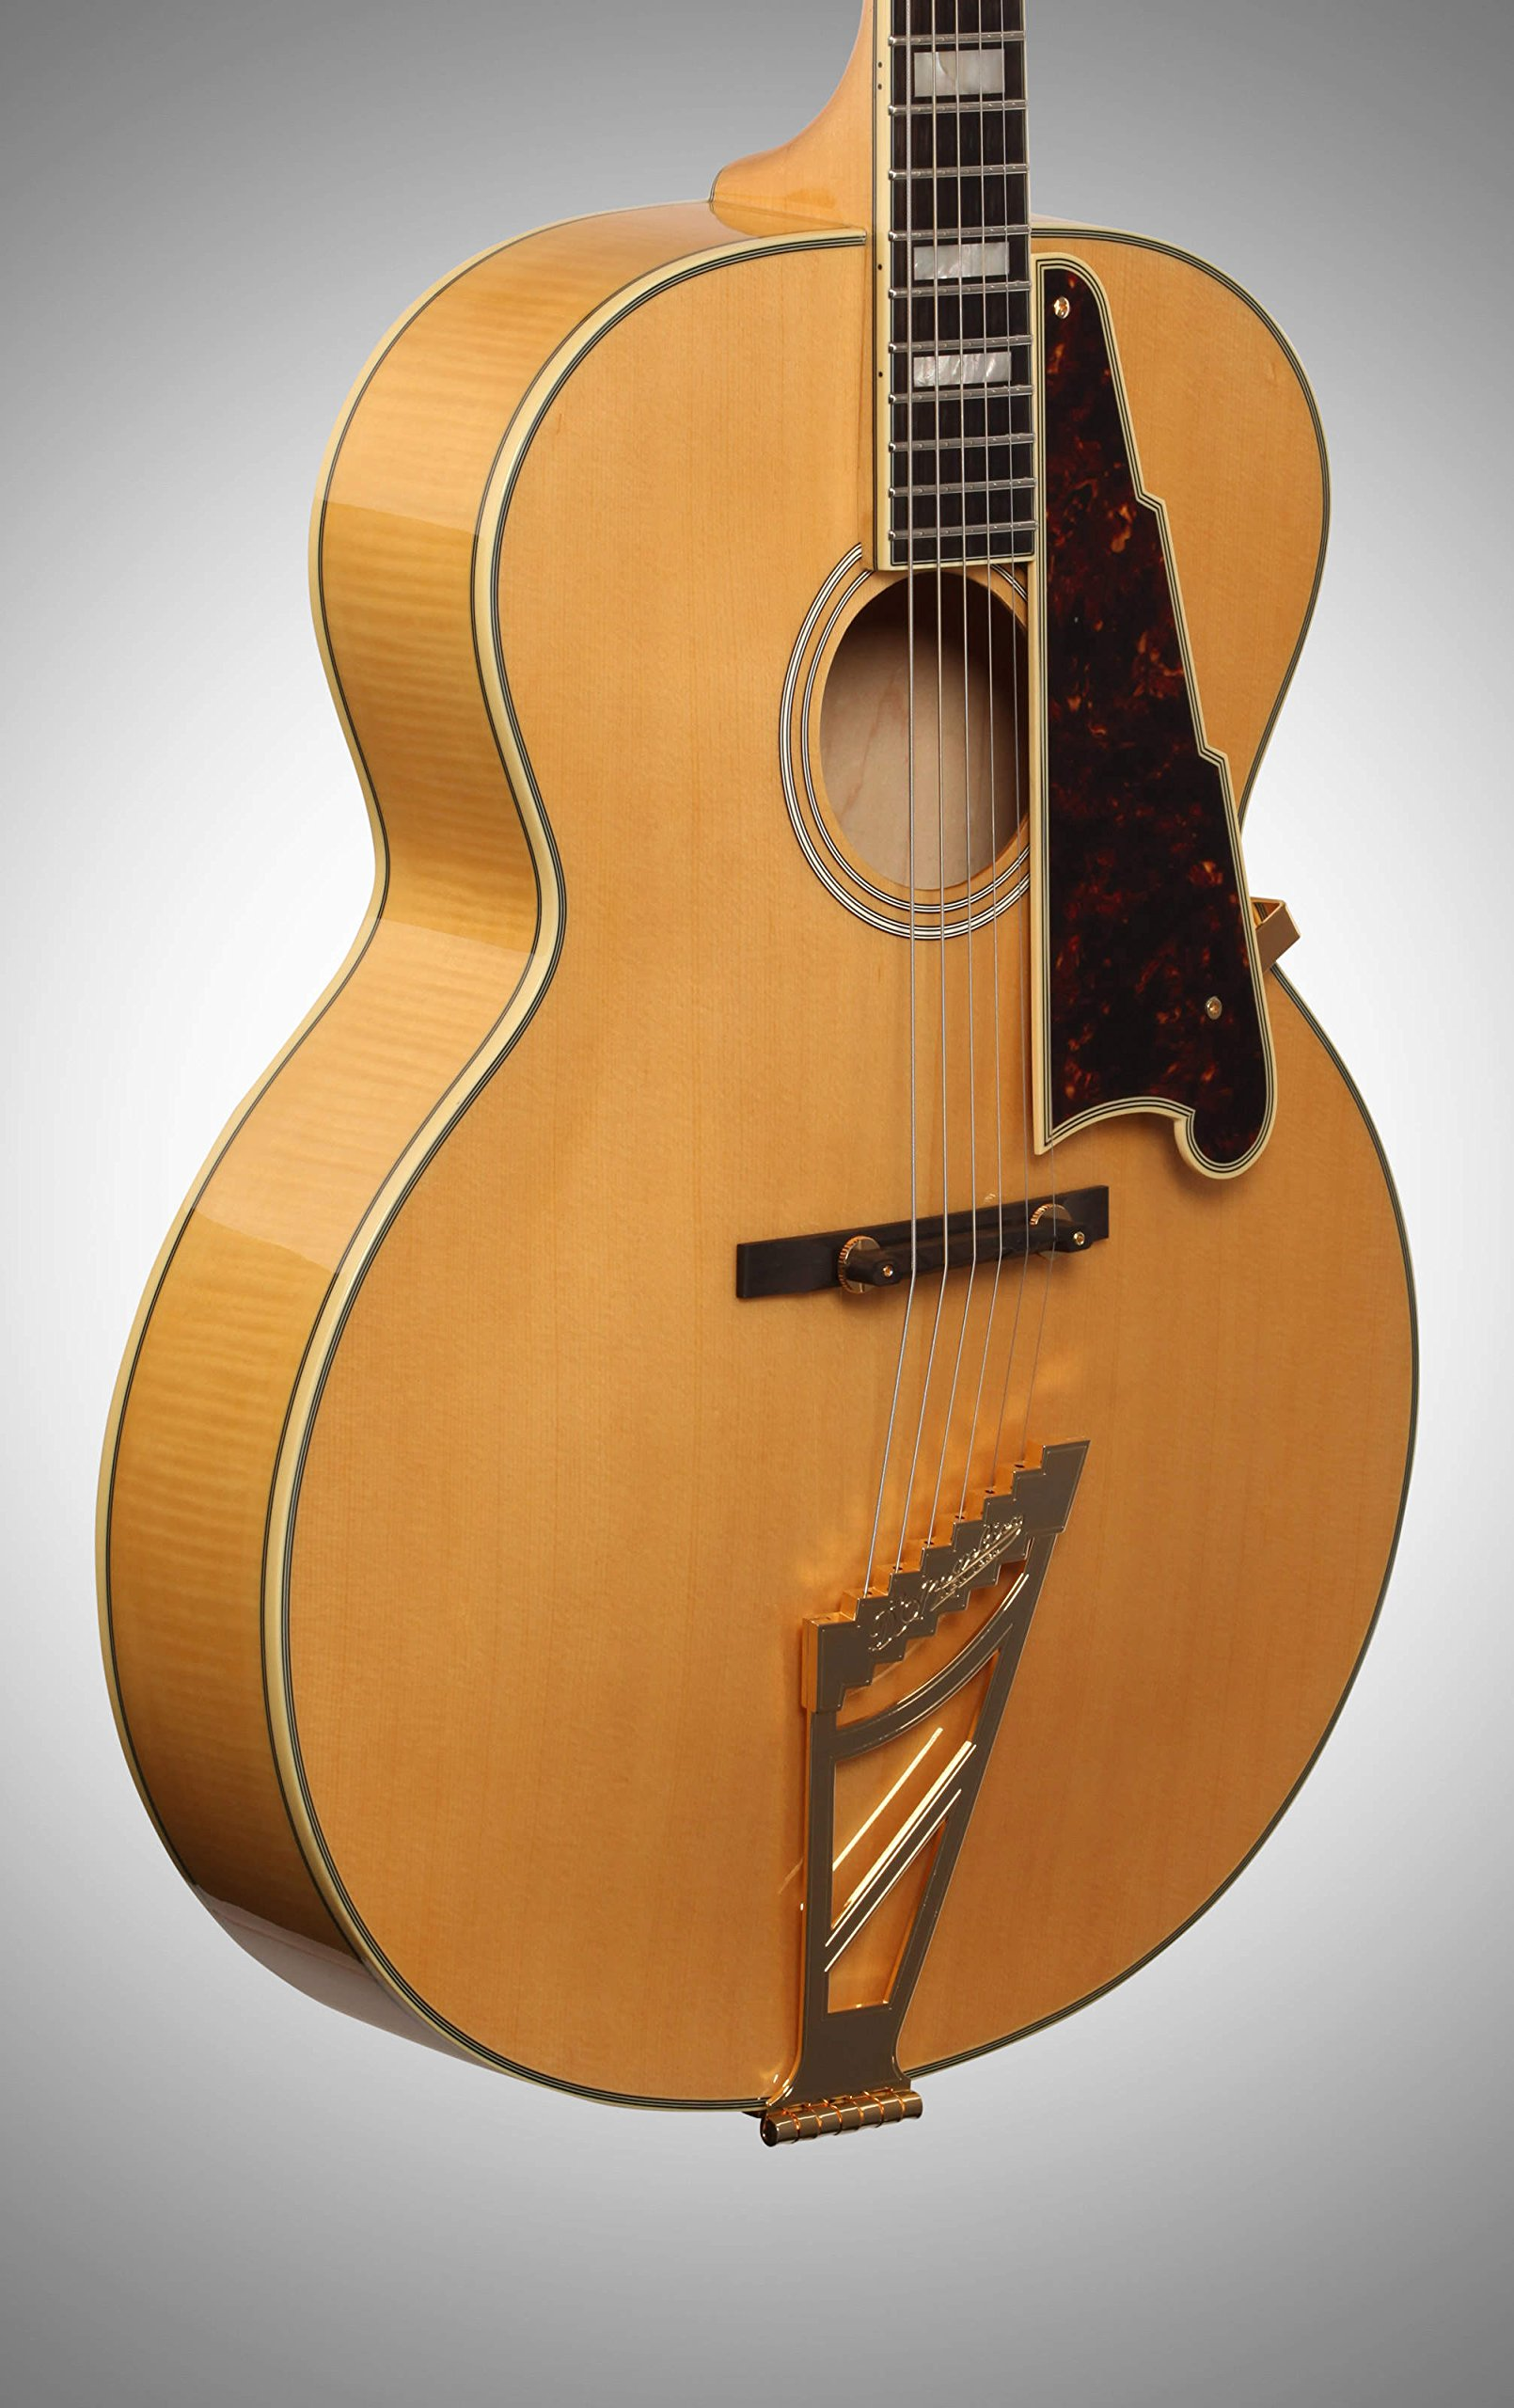 D angelico ex-63 Archtop guitarra acústica Natural: Amazon.es ...